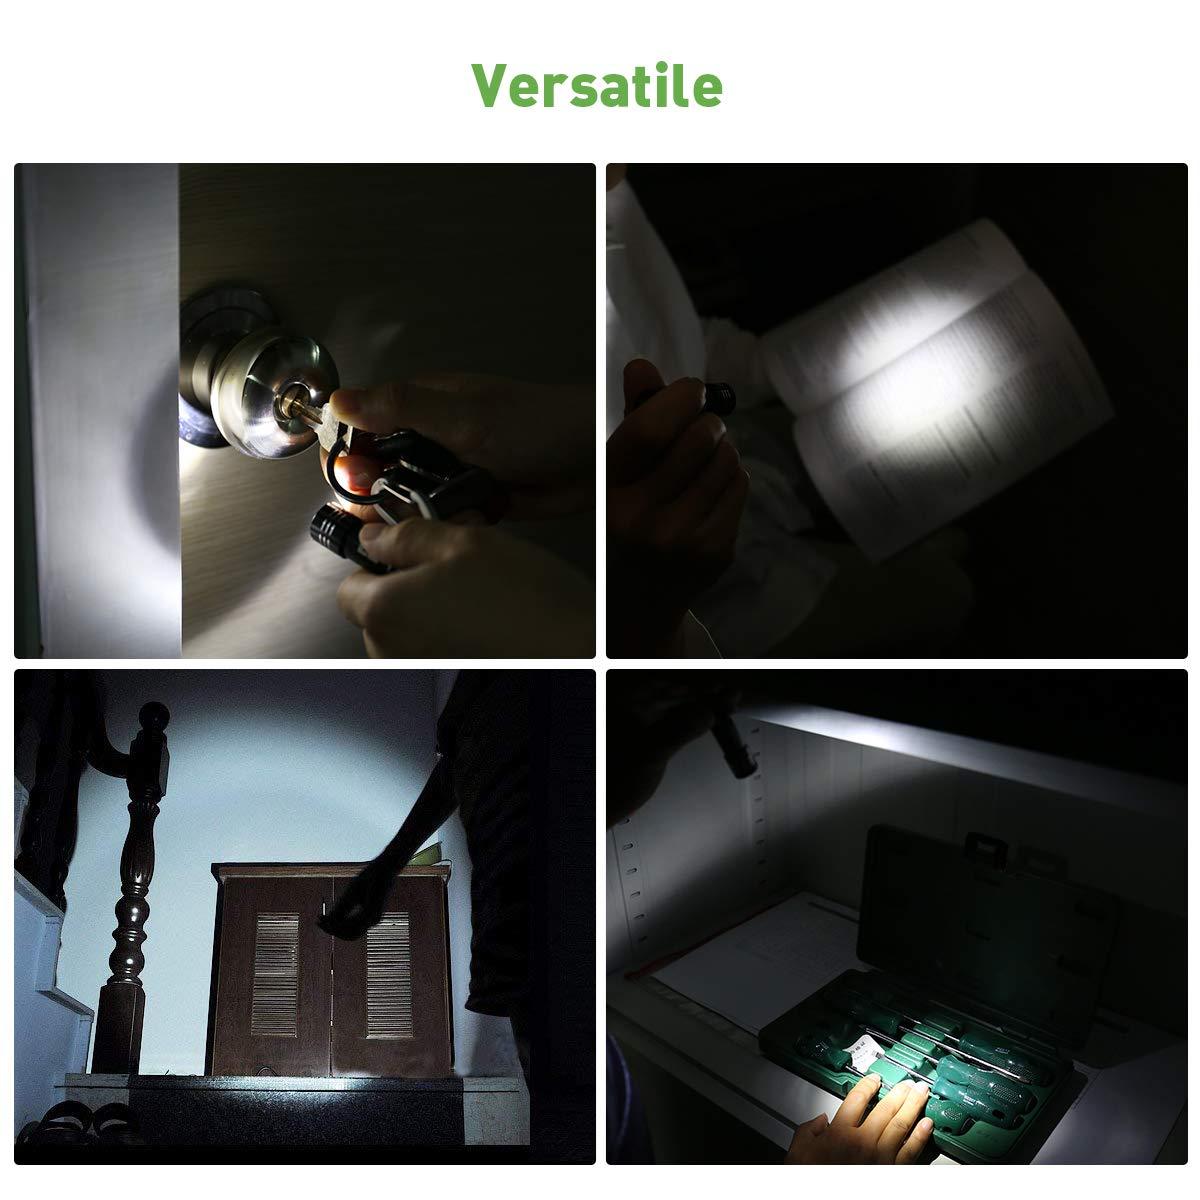 LE Mini Torce Portachiave LED 5 Pezzi 5,3 cm Batterie Incluse Tascabile da Borsetta Attaccare a Zaino per Chiavi Macchina Buio